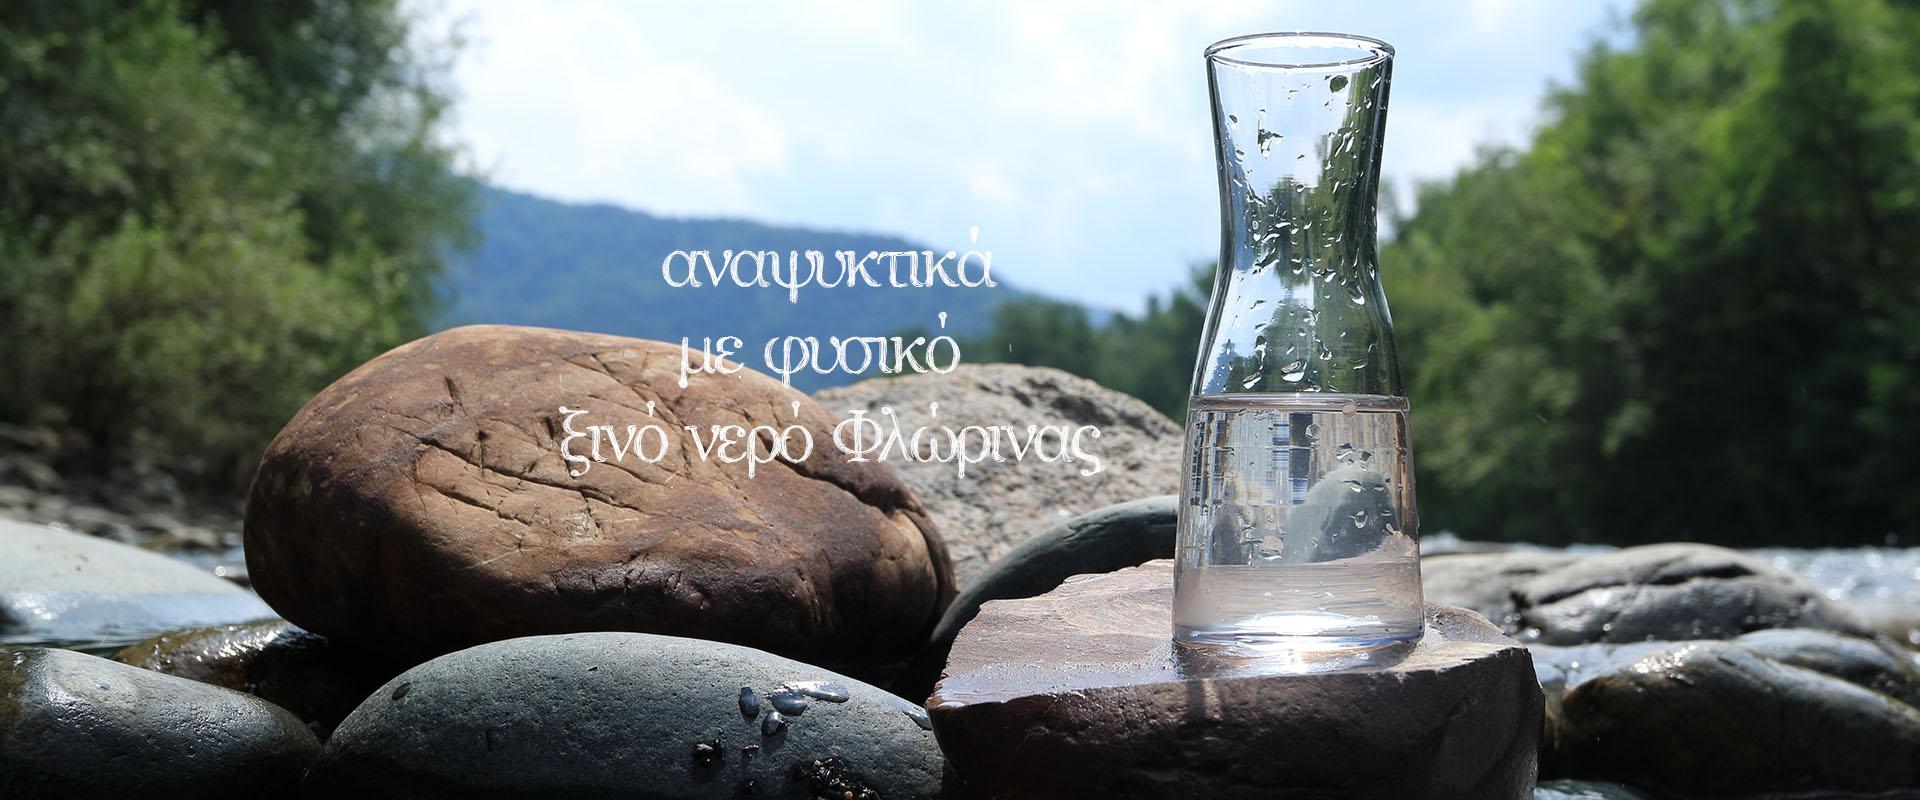 ξινό νερό Φλώρινας